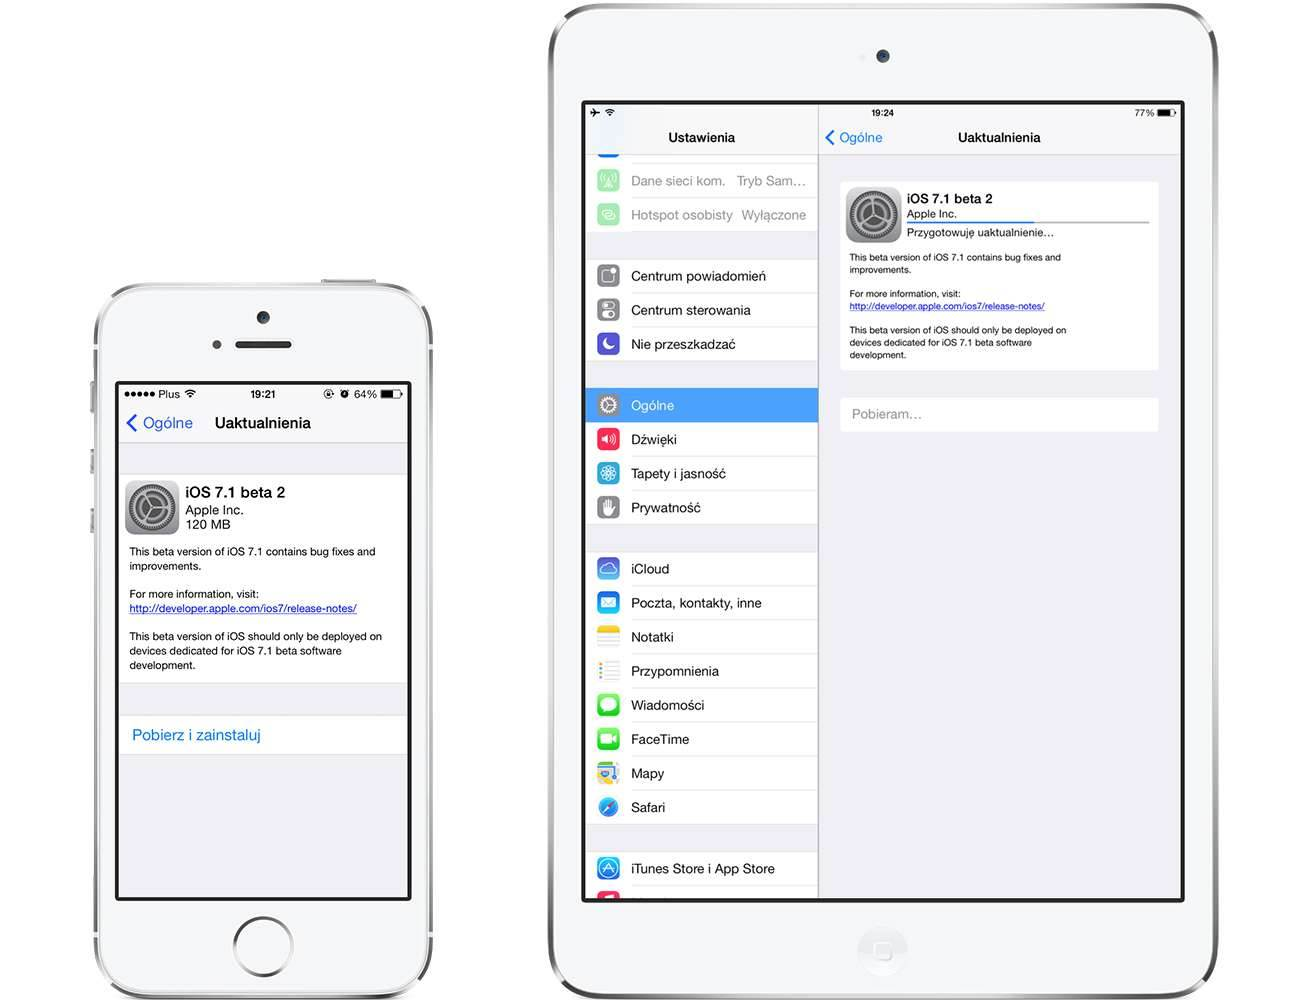 iOS 7.1 beta 2 - lista zmian polecane Update, OTA, Oprogramowanie, iPhone, iPad, iOS7.1b2, iOS7.1 beta2, iOS7.1, iOS 7.1 beta 2, iOS 7 beta2, iOS, Apple, Aktualizacja, 11D5115d  W piątek Apple udostępniło nową wersję systemu iOS 7.1 która oznaczona jest jako build 11D5115d. Poniżej znajdziecie listę zmian jakie zauważyłem w stosunku do poprzedniej bety. Wpis jest aktualizowany na bieżąco także zapraszam do częstego odwiedzania strony. iOS7.1b2